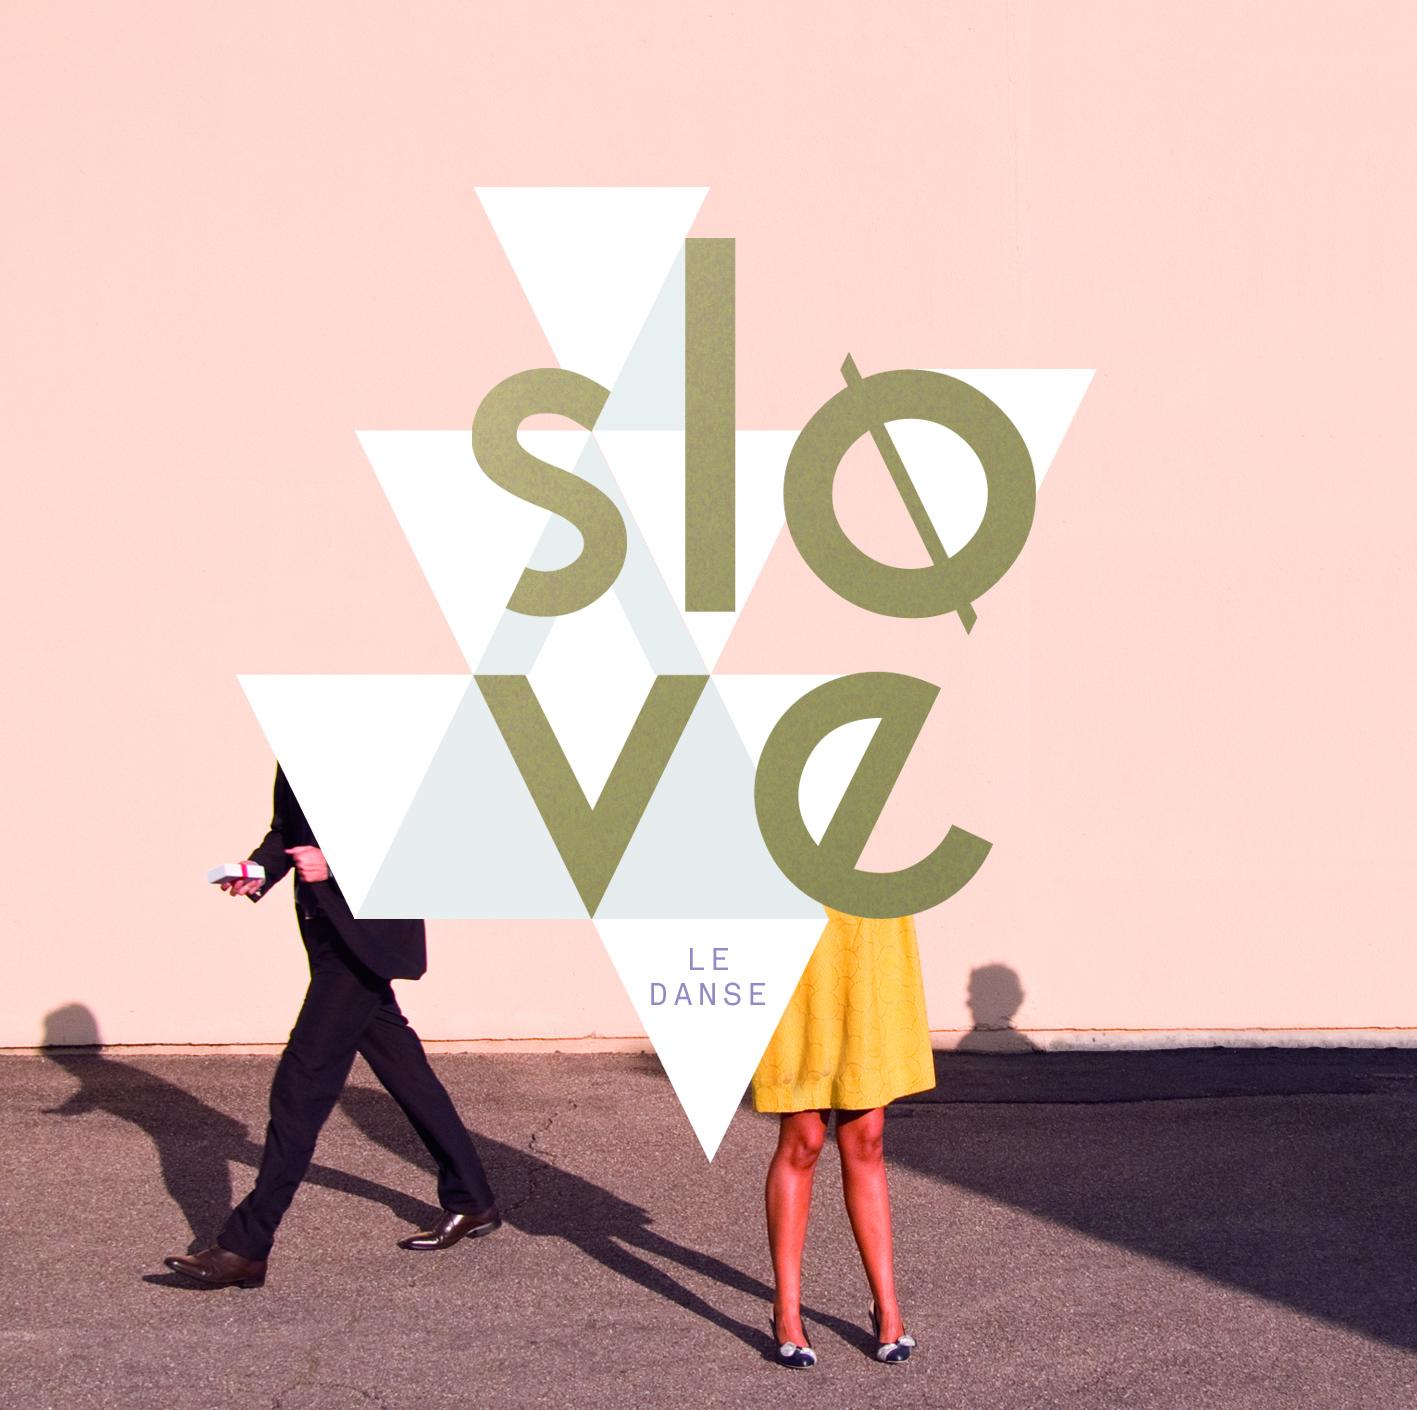 slove-album-le-danse-cover